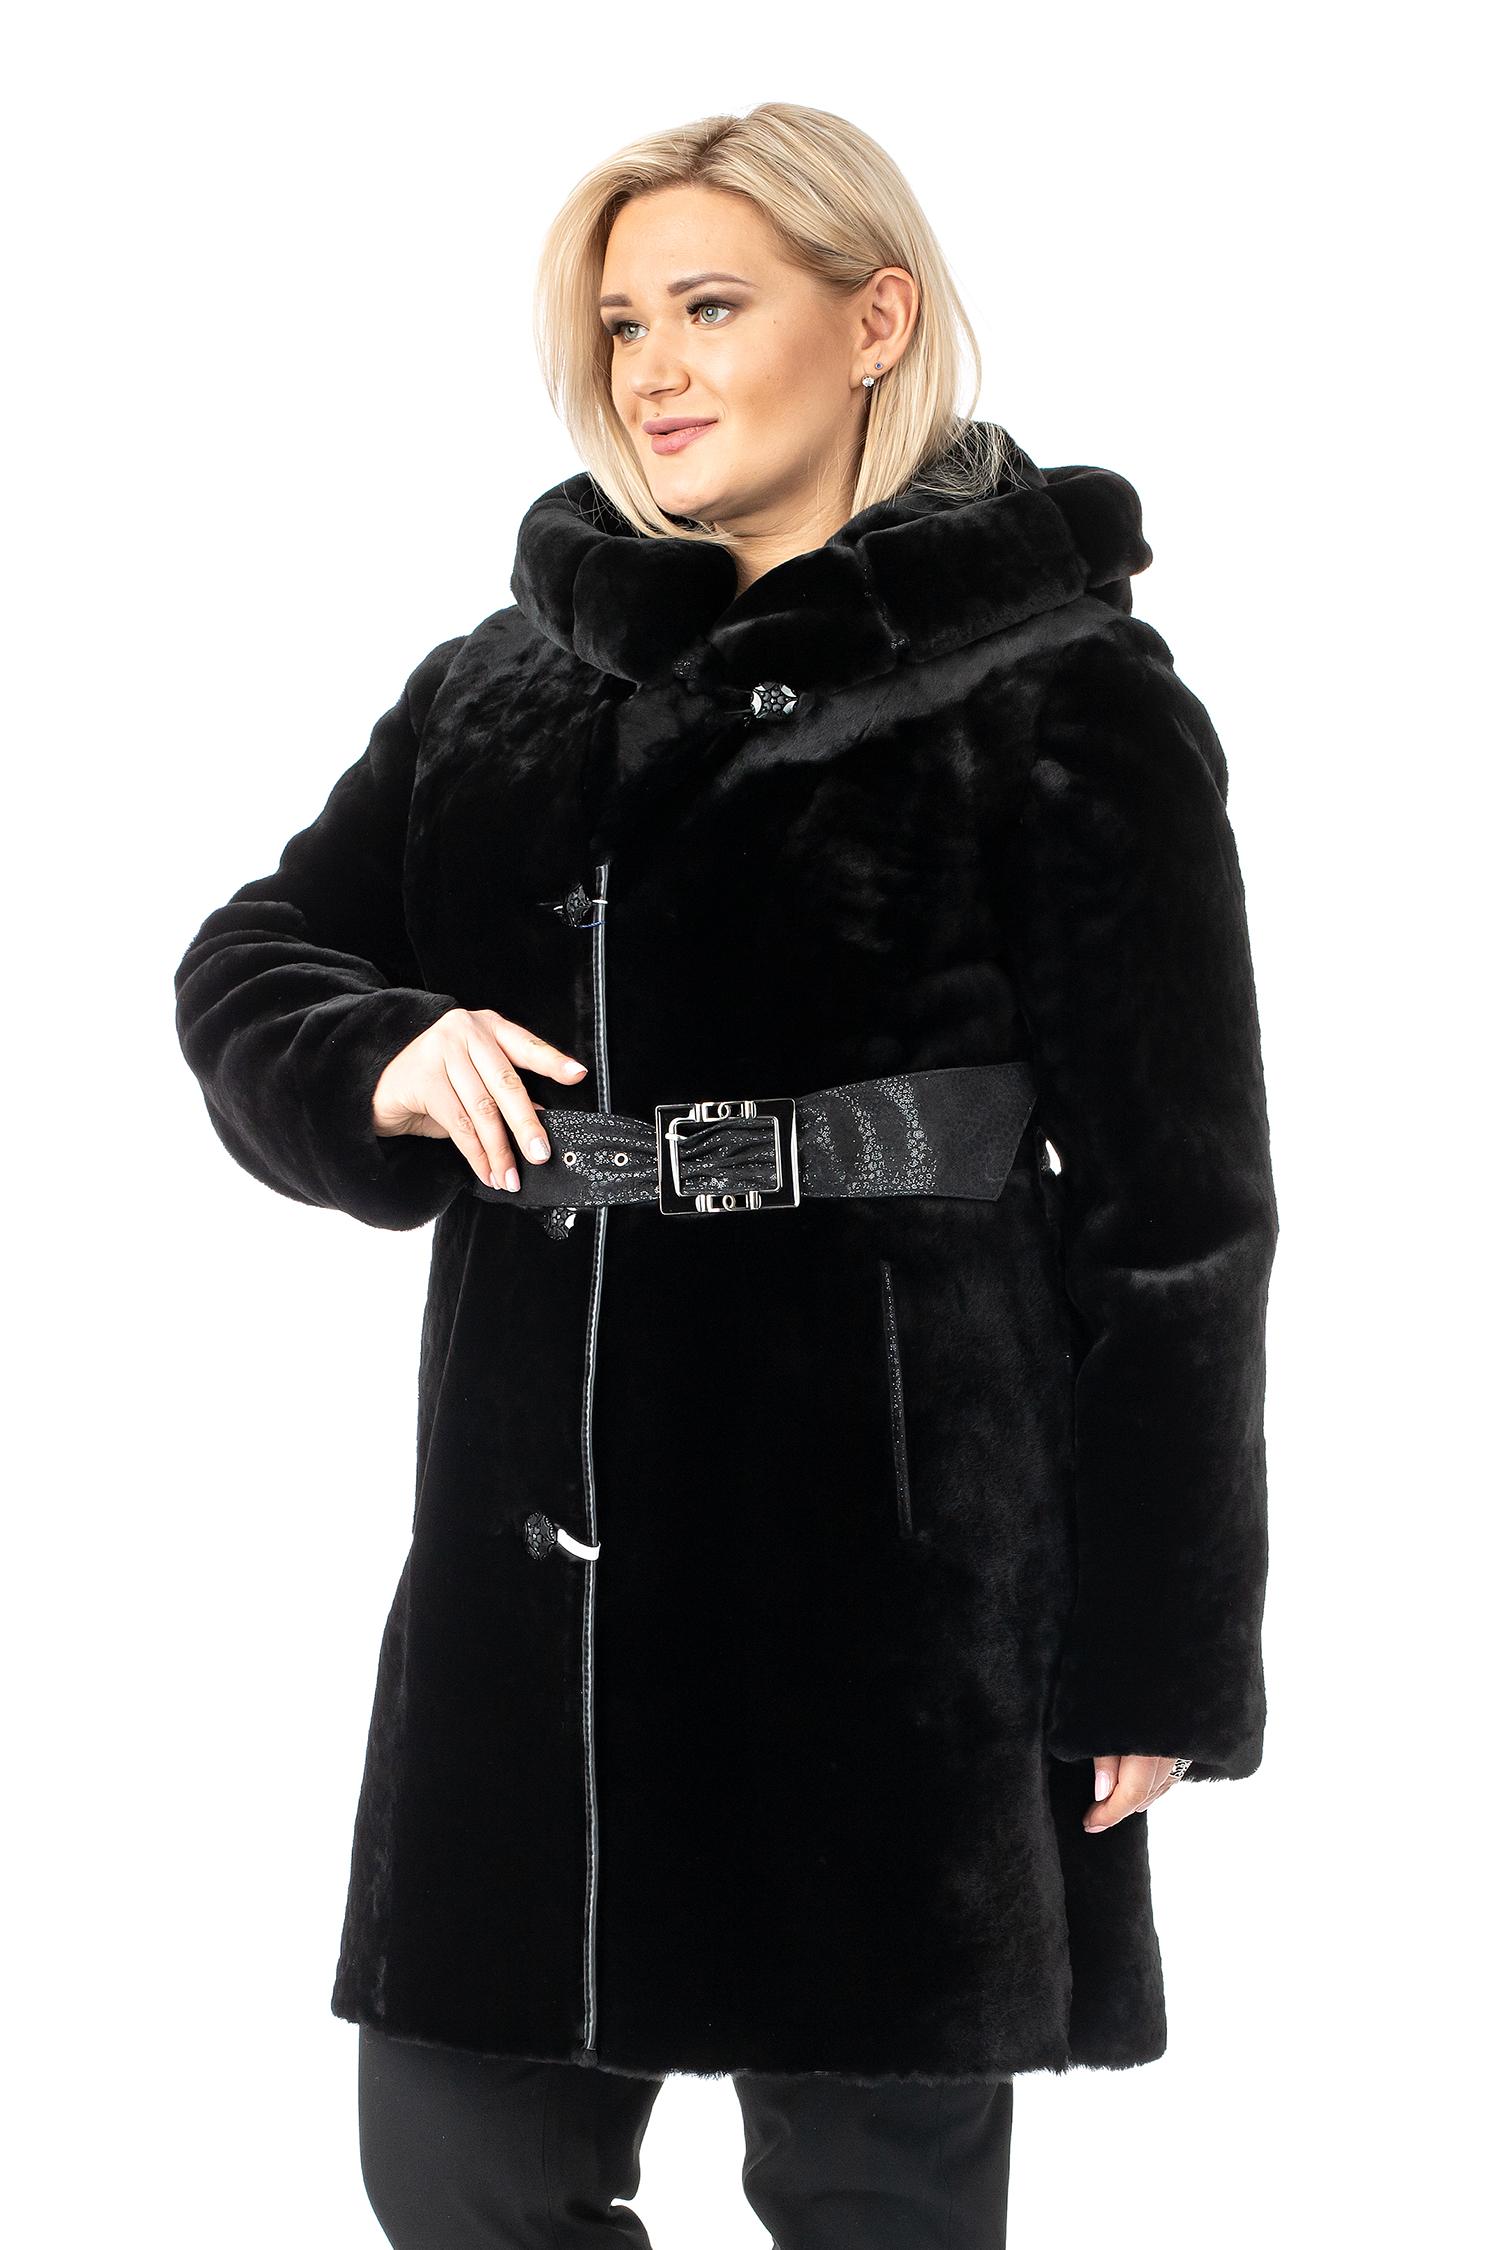 МОСМЕХА полуприлегающая шуба с капюшоном aliance fur